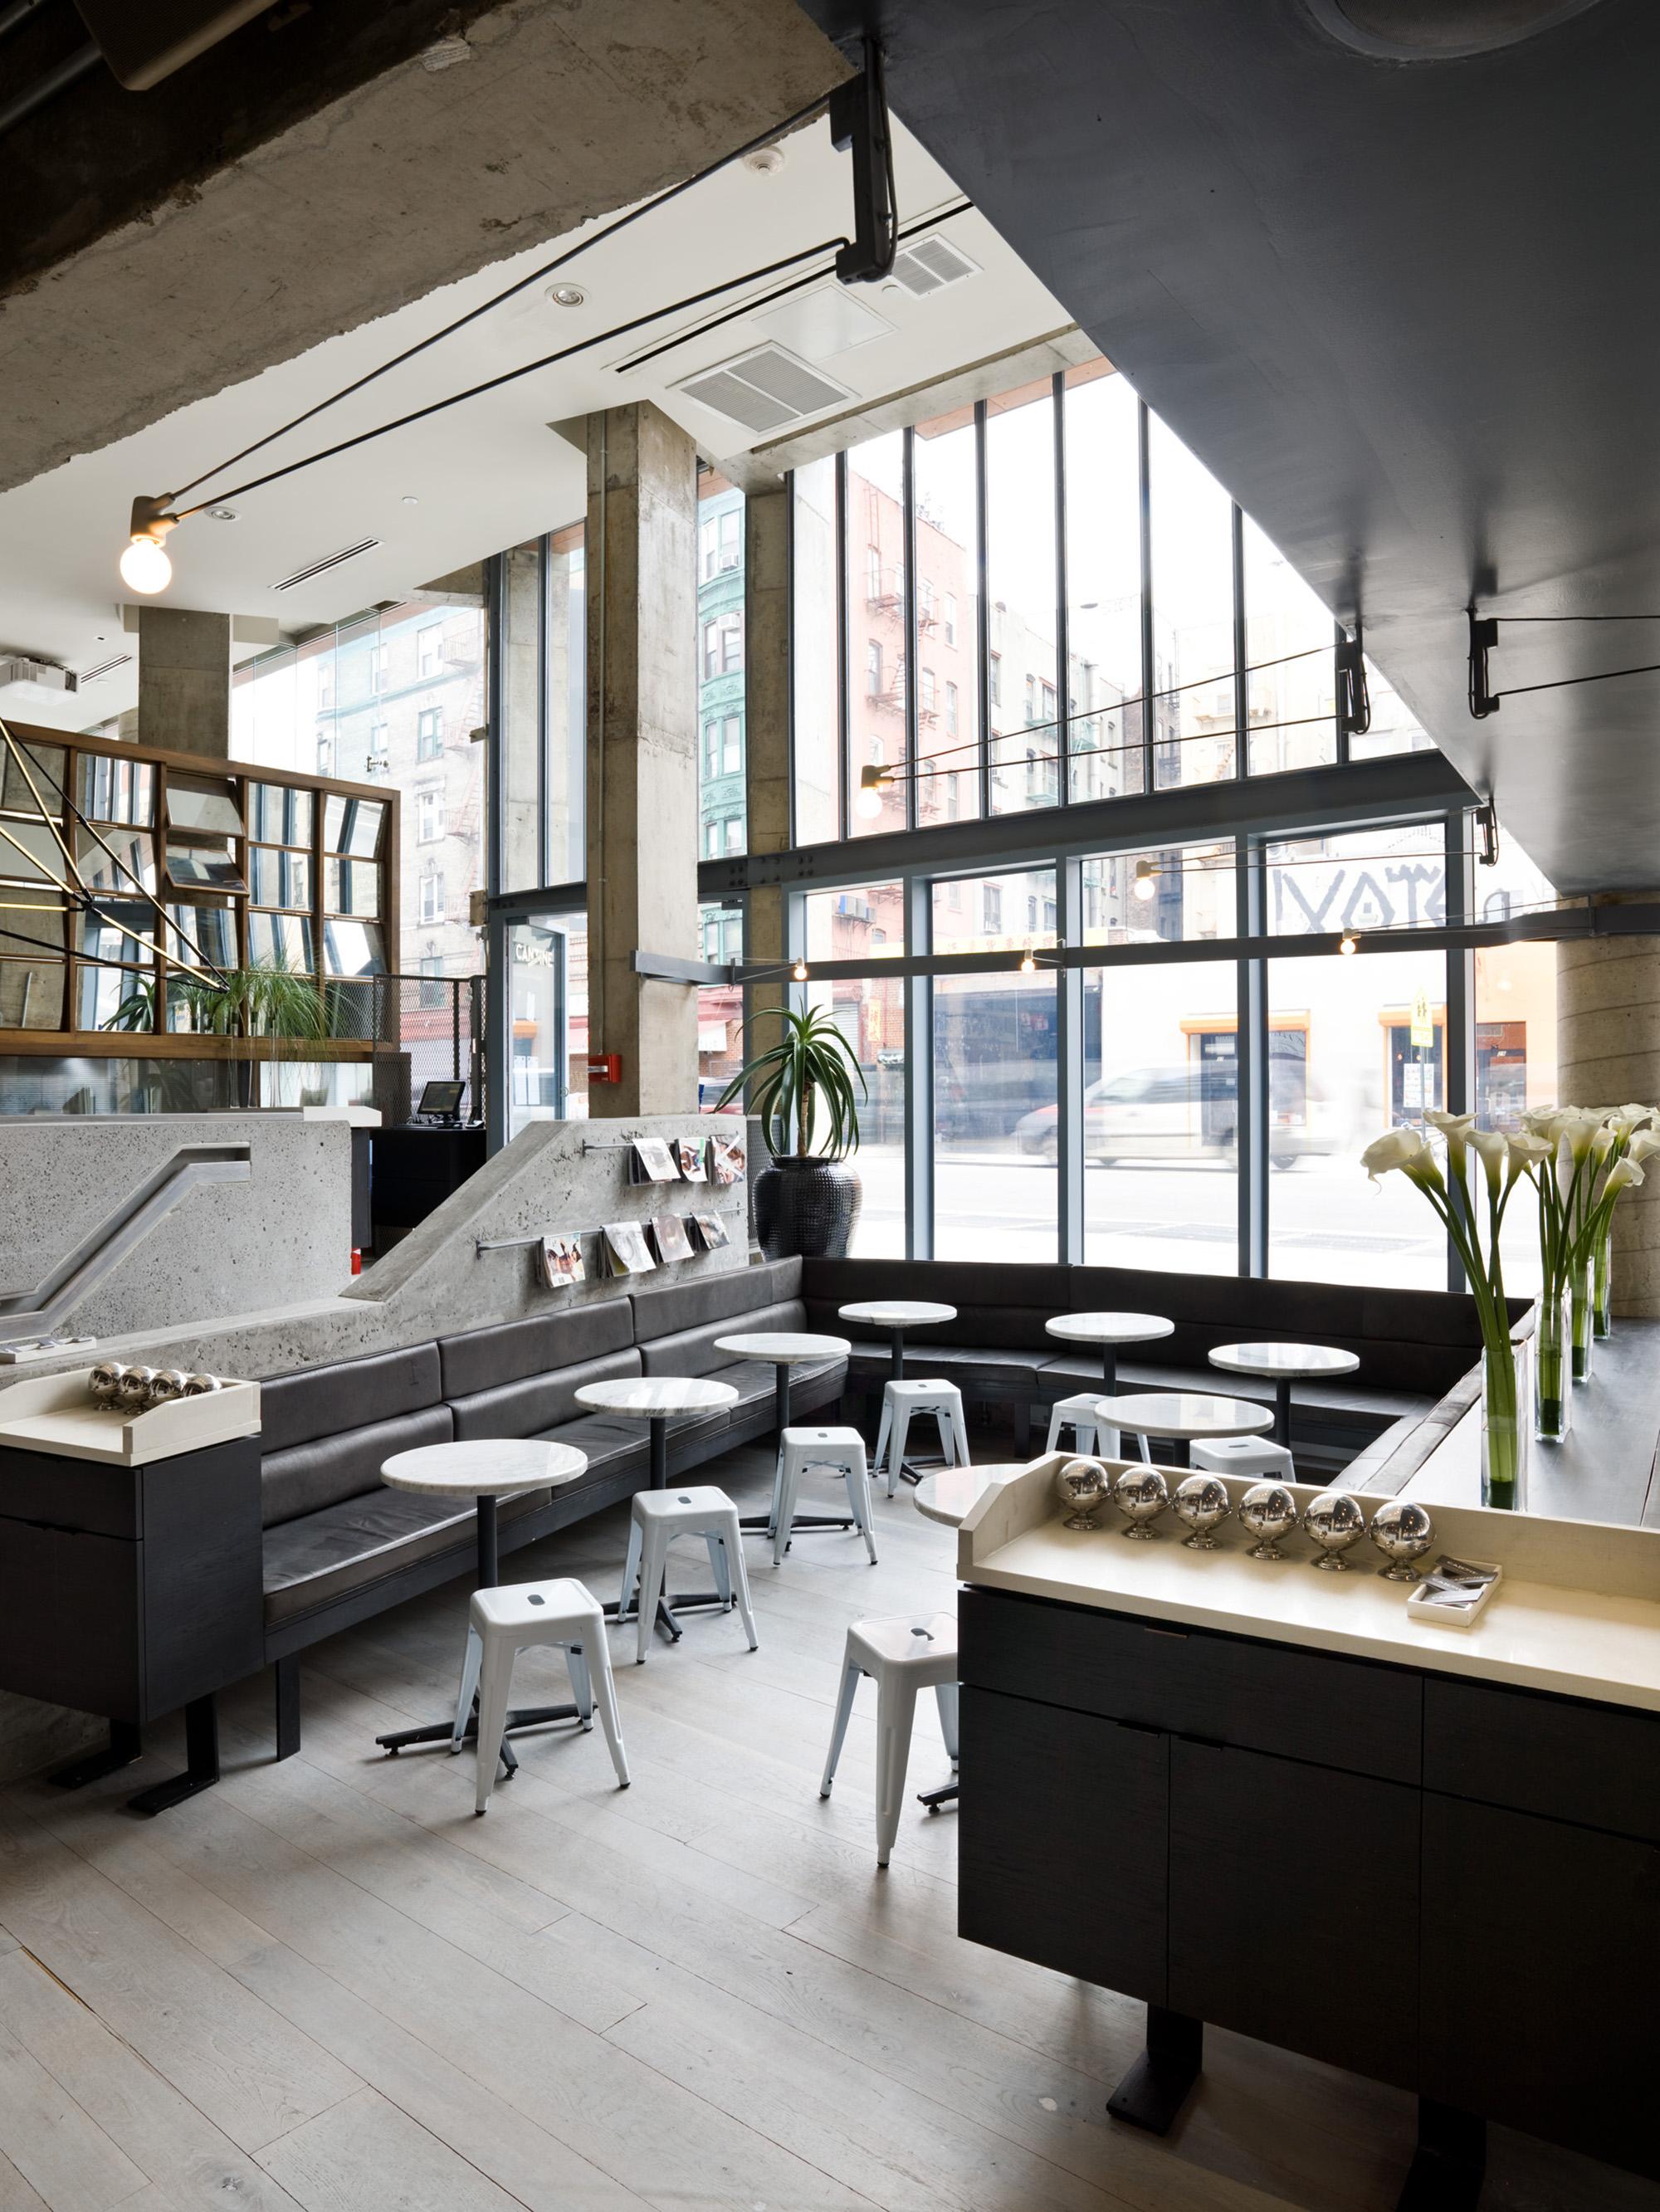 Cantine Parisienne - Nolitan Hotel, New York